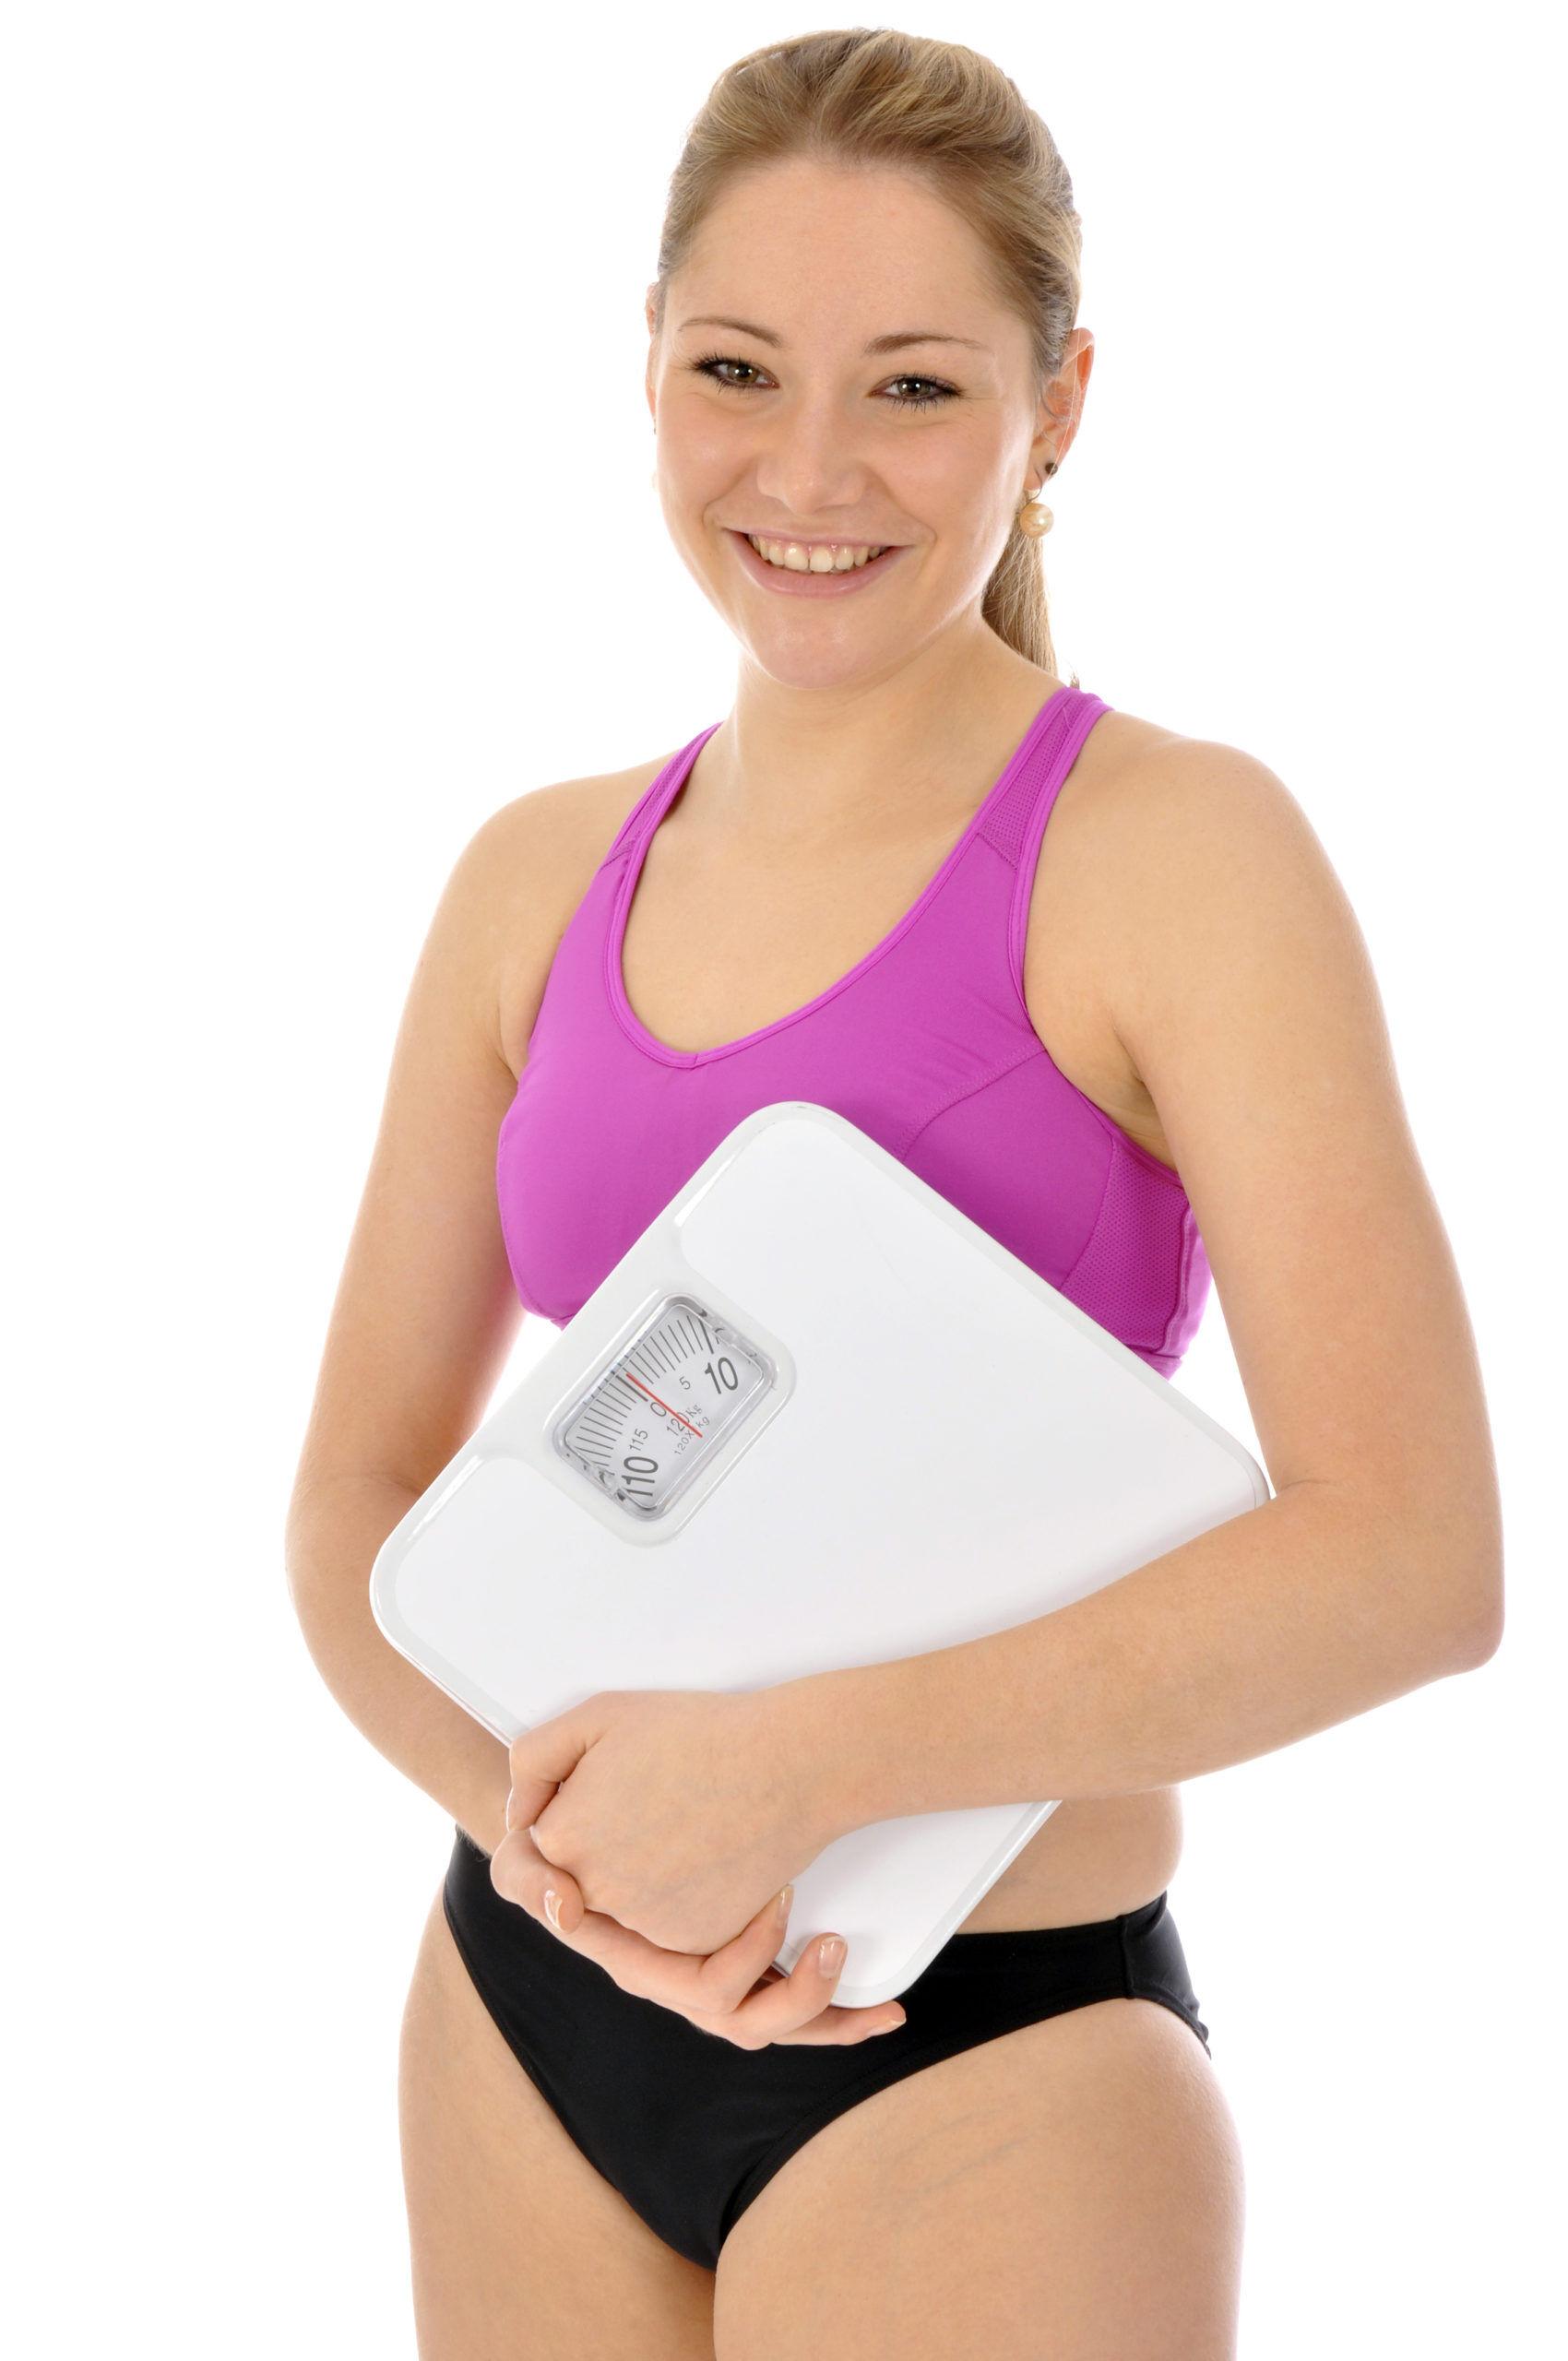 Économisez de la graisse et perdez du poids